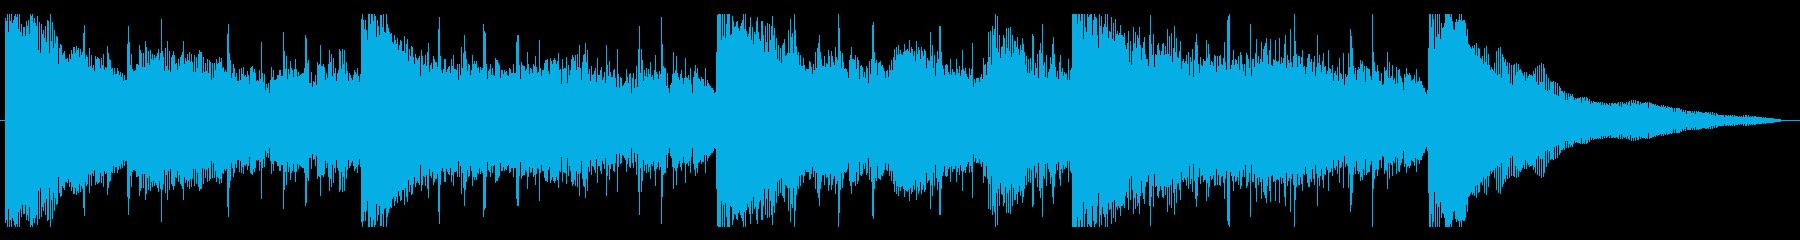 アメリカーナ研究所田舎風の「ハート...の再生済みの波形